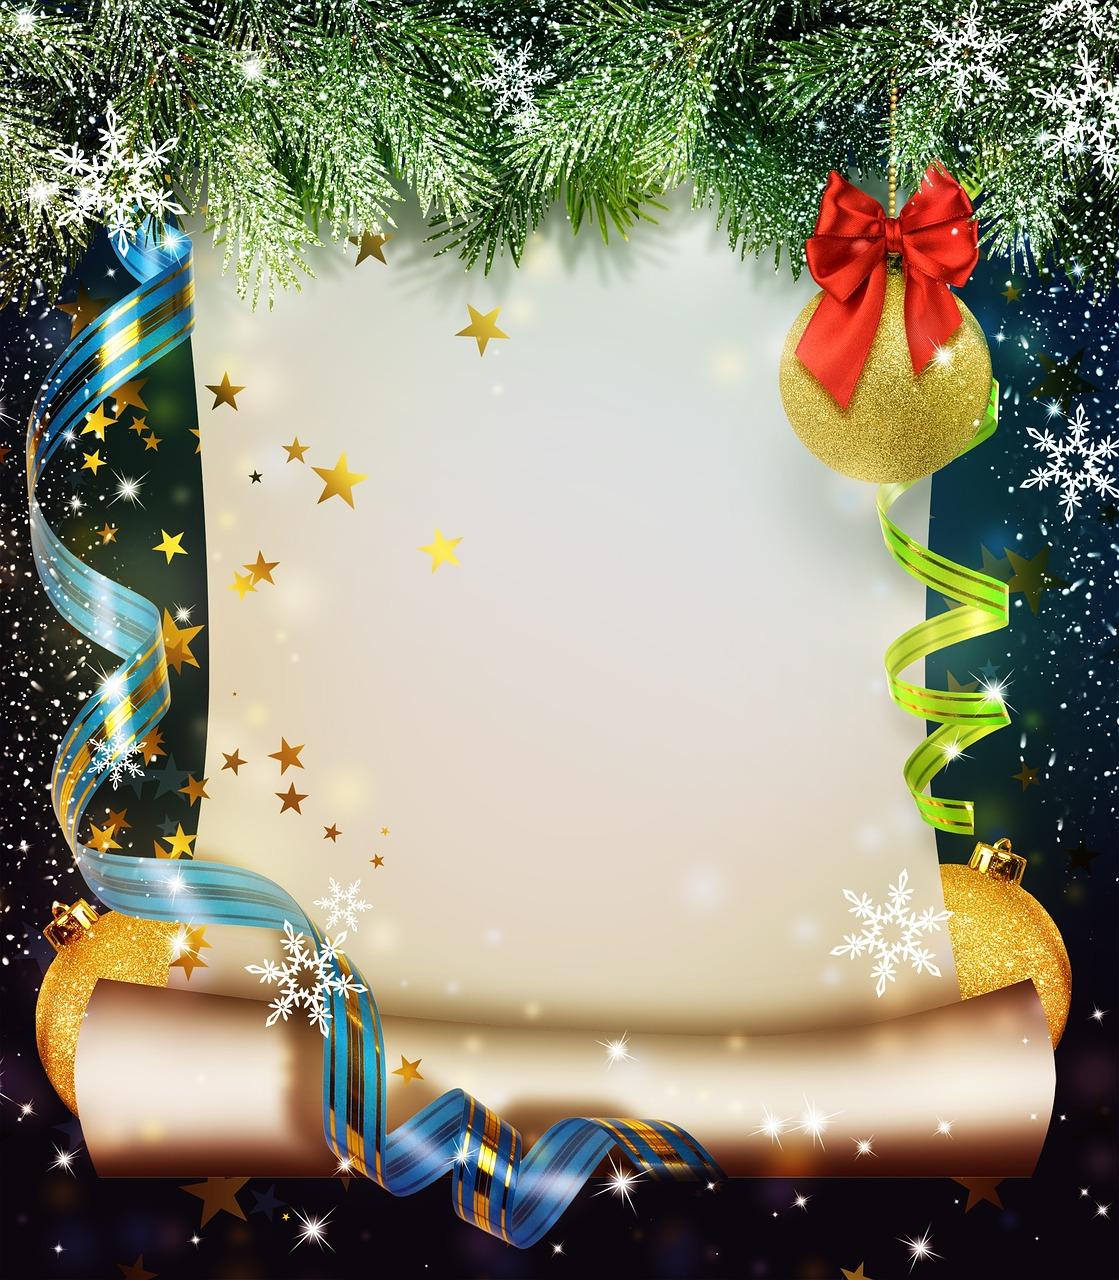 Шаблоны фотошоп новогодних открыток, гифки